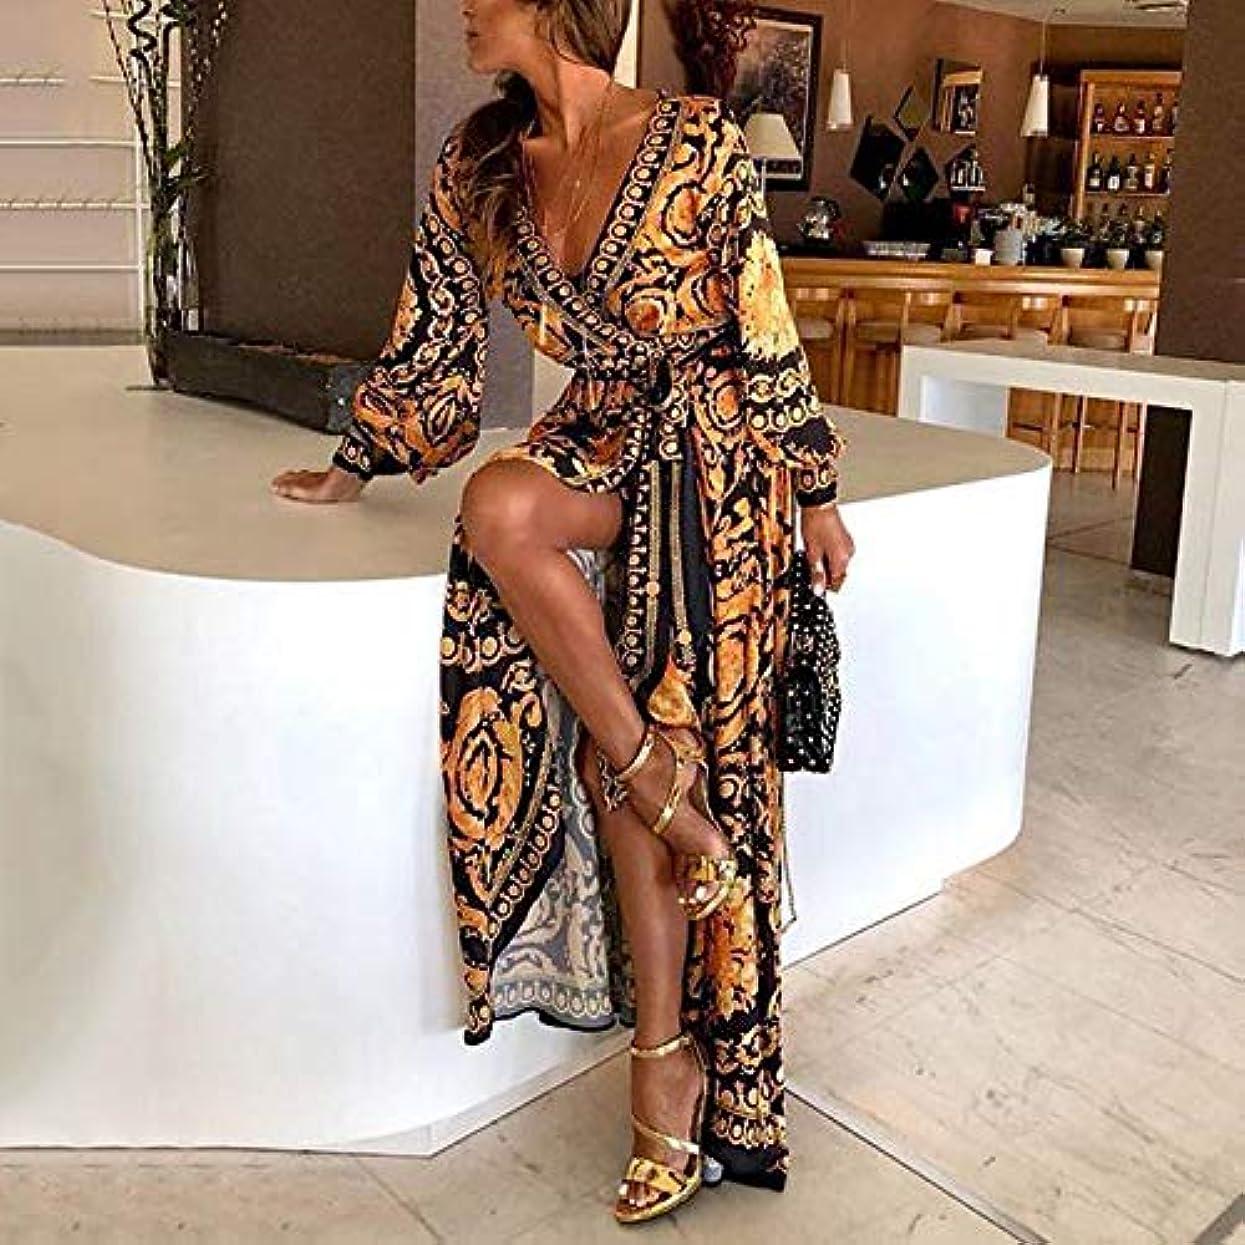 開示するバリア無限Onderroa - ファッションエレガントな女性のセクシーなボートネックグリッターディープVネックドレスパーティーフォーマルロングドレスを印刷